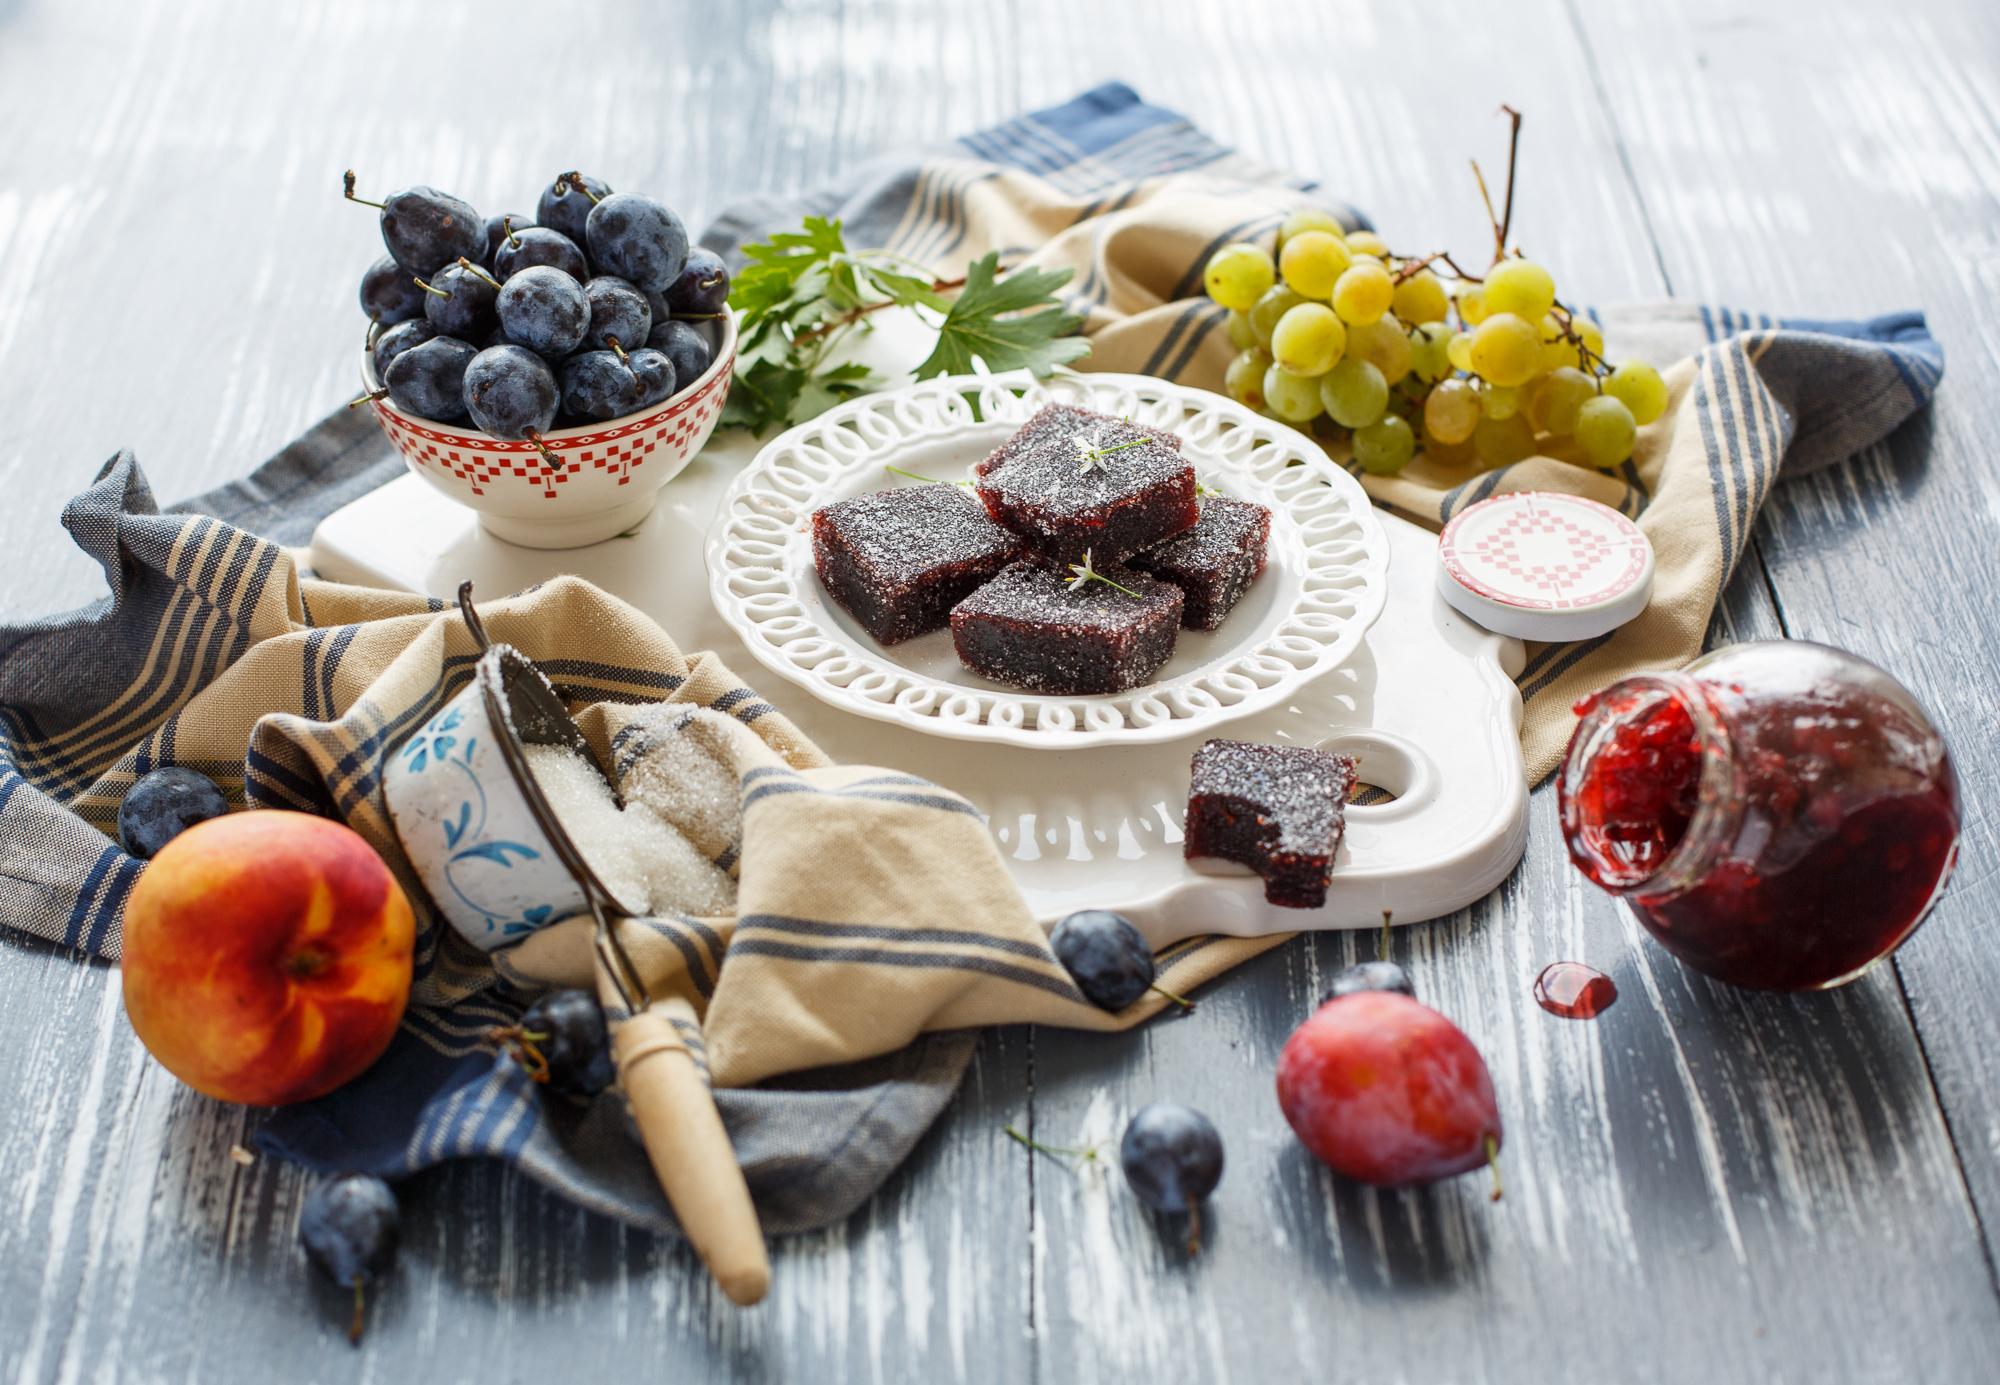 еда чай пирожные виноград загрузить